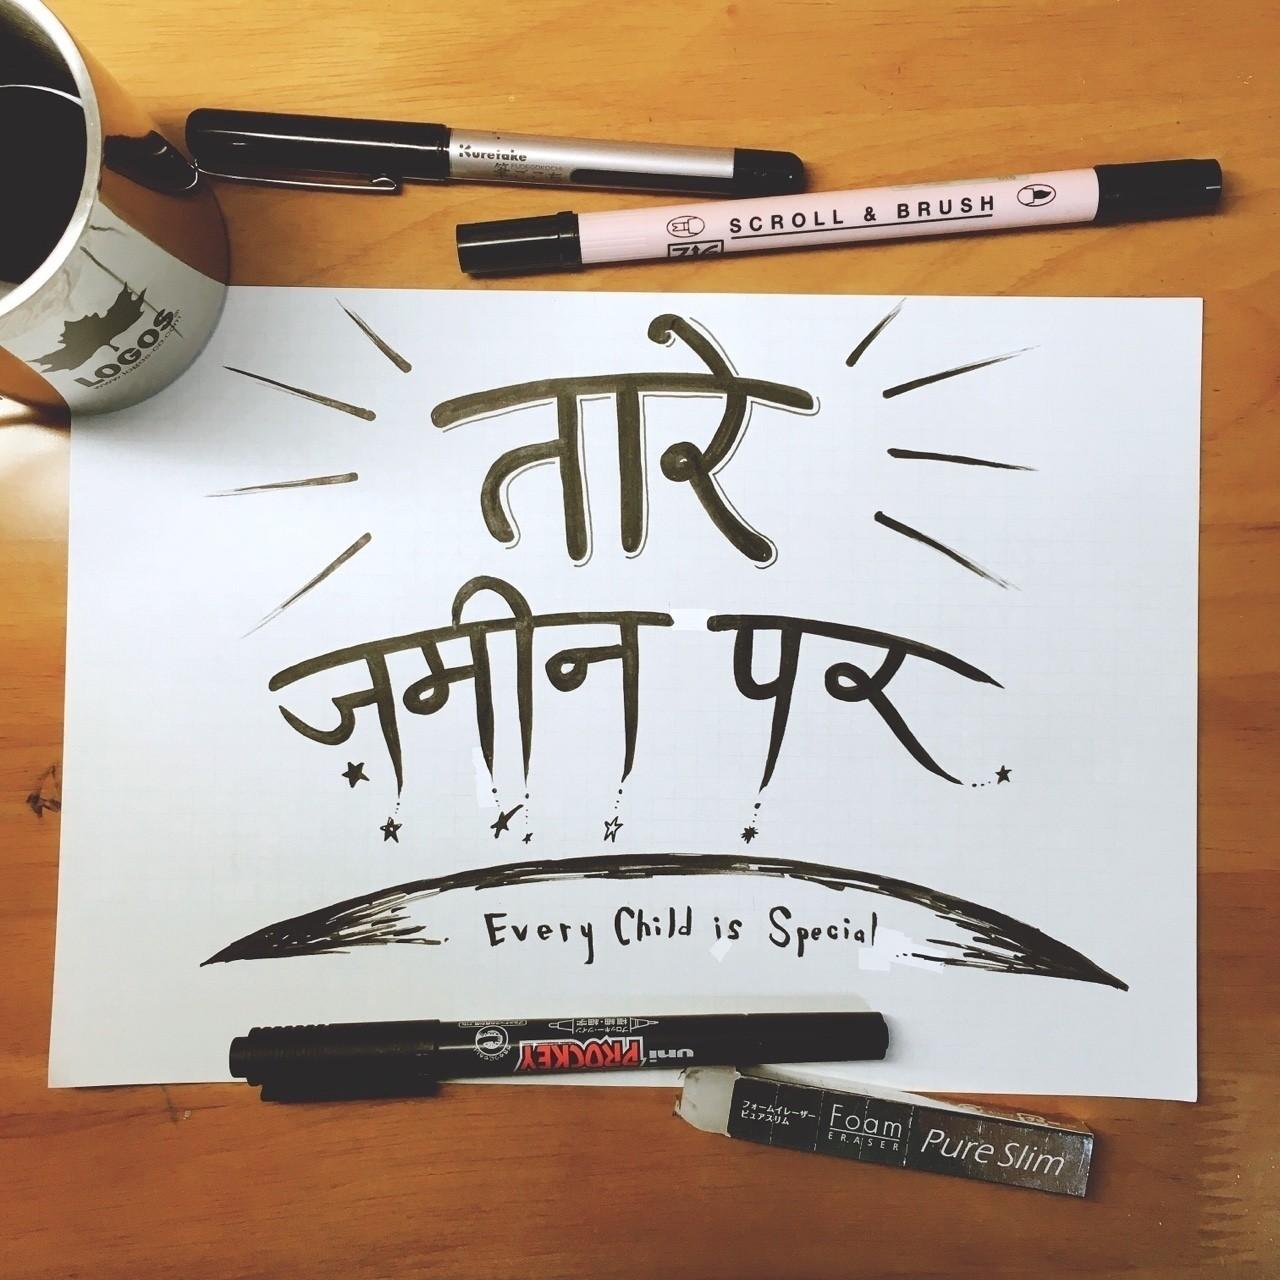 ヒンディー語のレタリング。 描いた言葉はtaare zameen par: 地上の星たち。 私の好きなインド映画のタイトル!   #ヒンディー語 #レタリング #hindi #lettering #手描き #デザイン